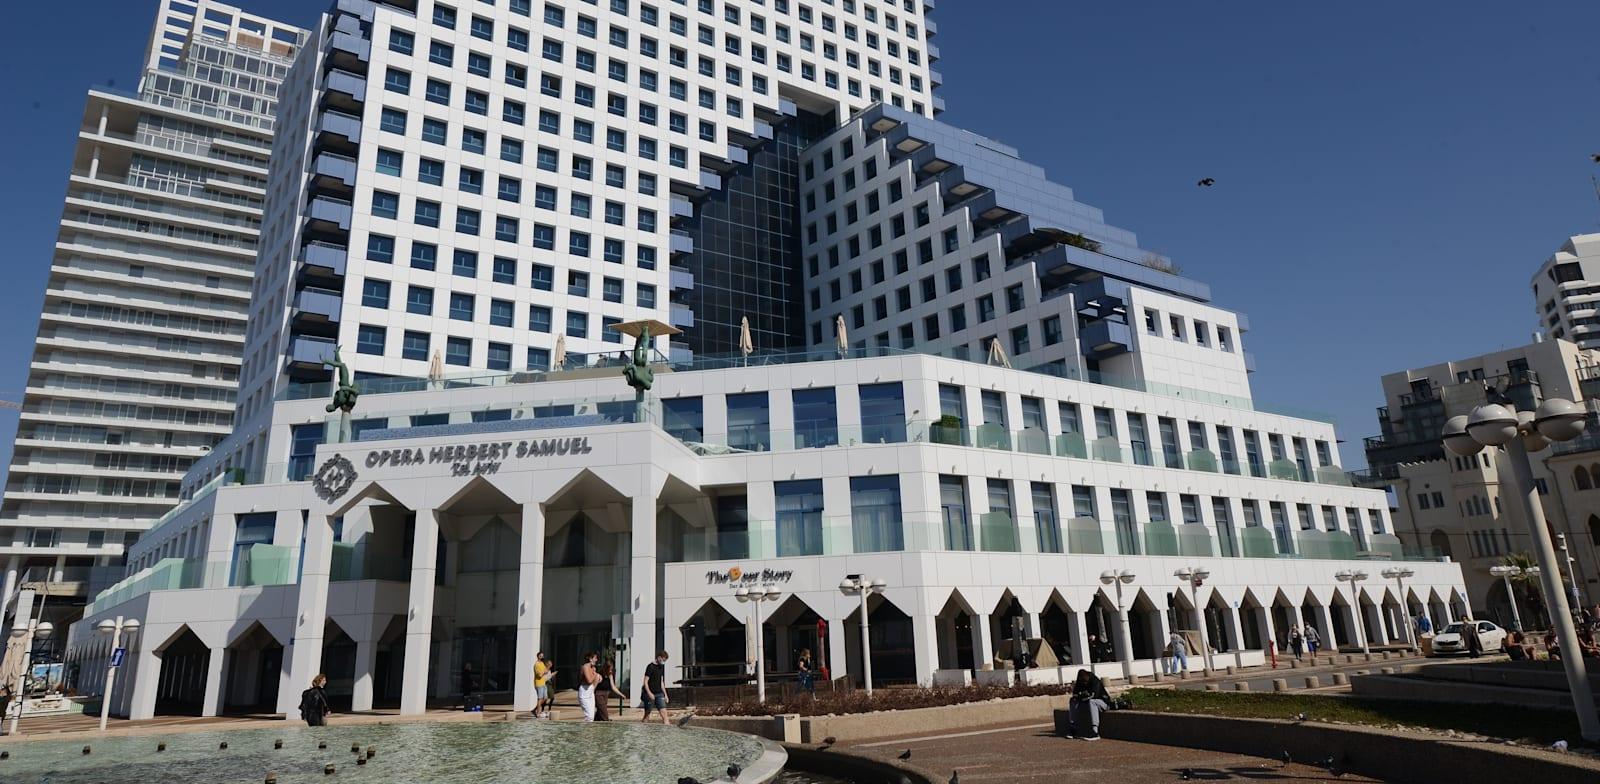 מגדל האופרה בתל אביב / צילום: איל יצהר